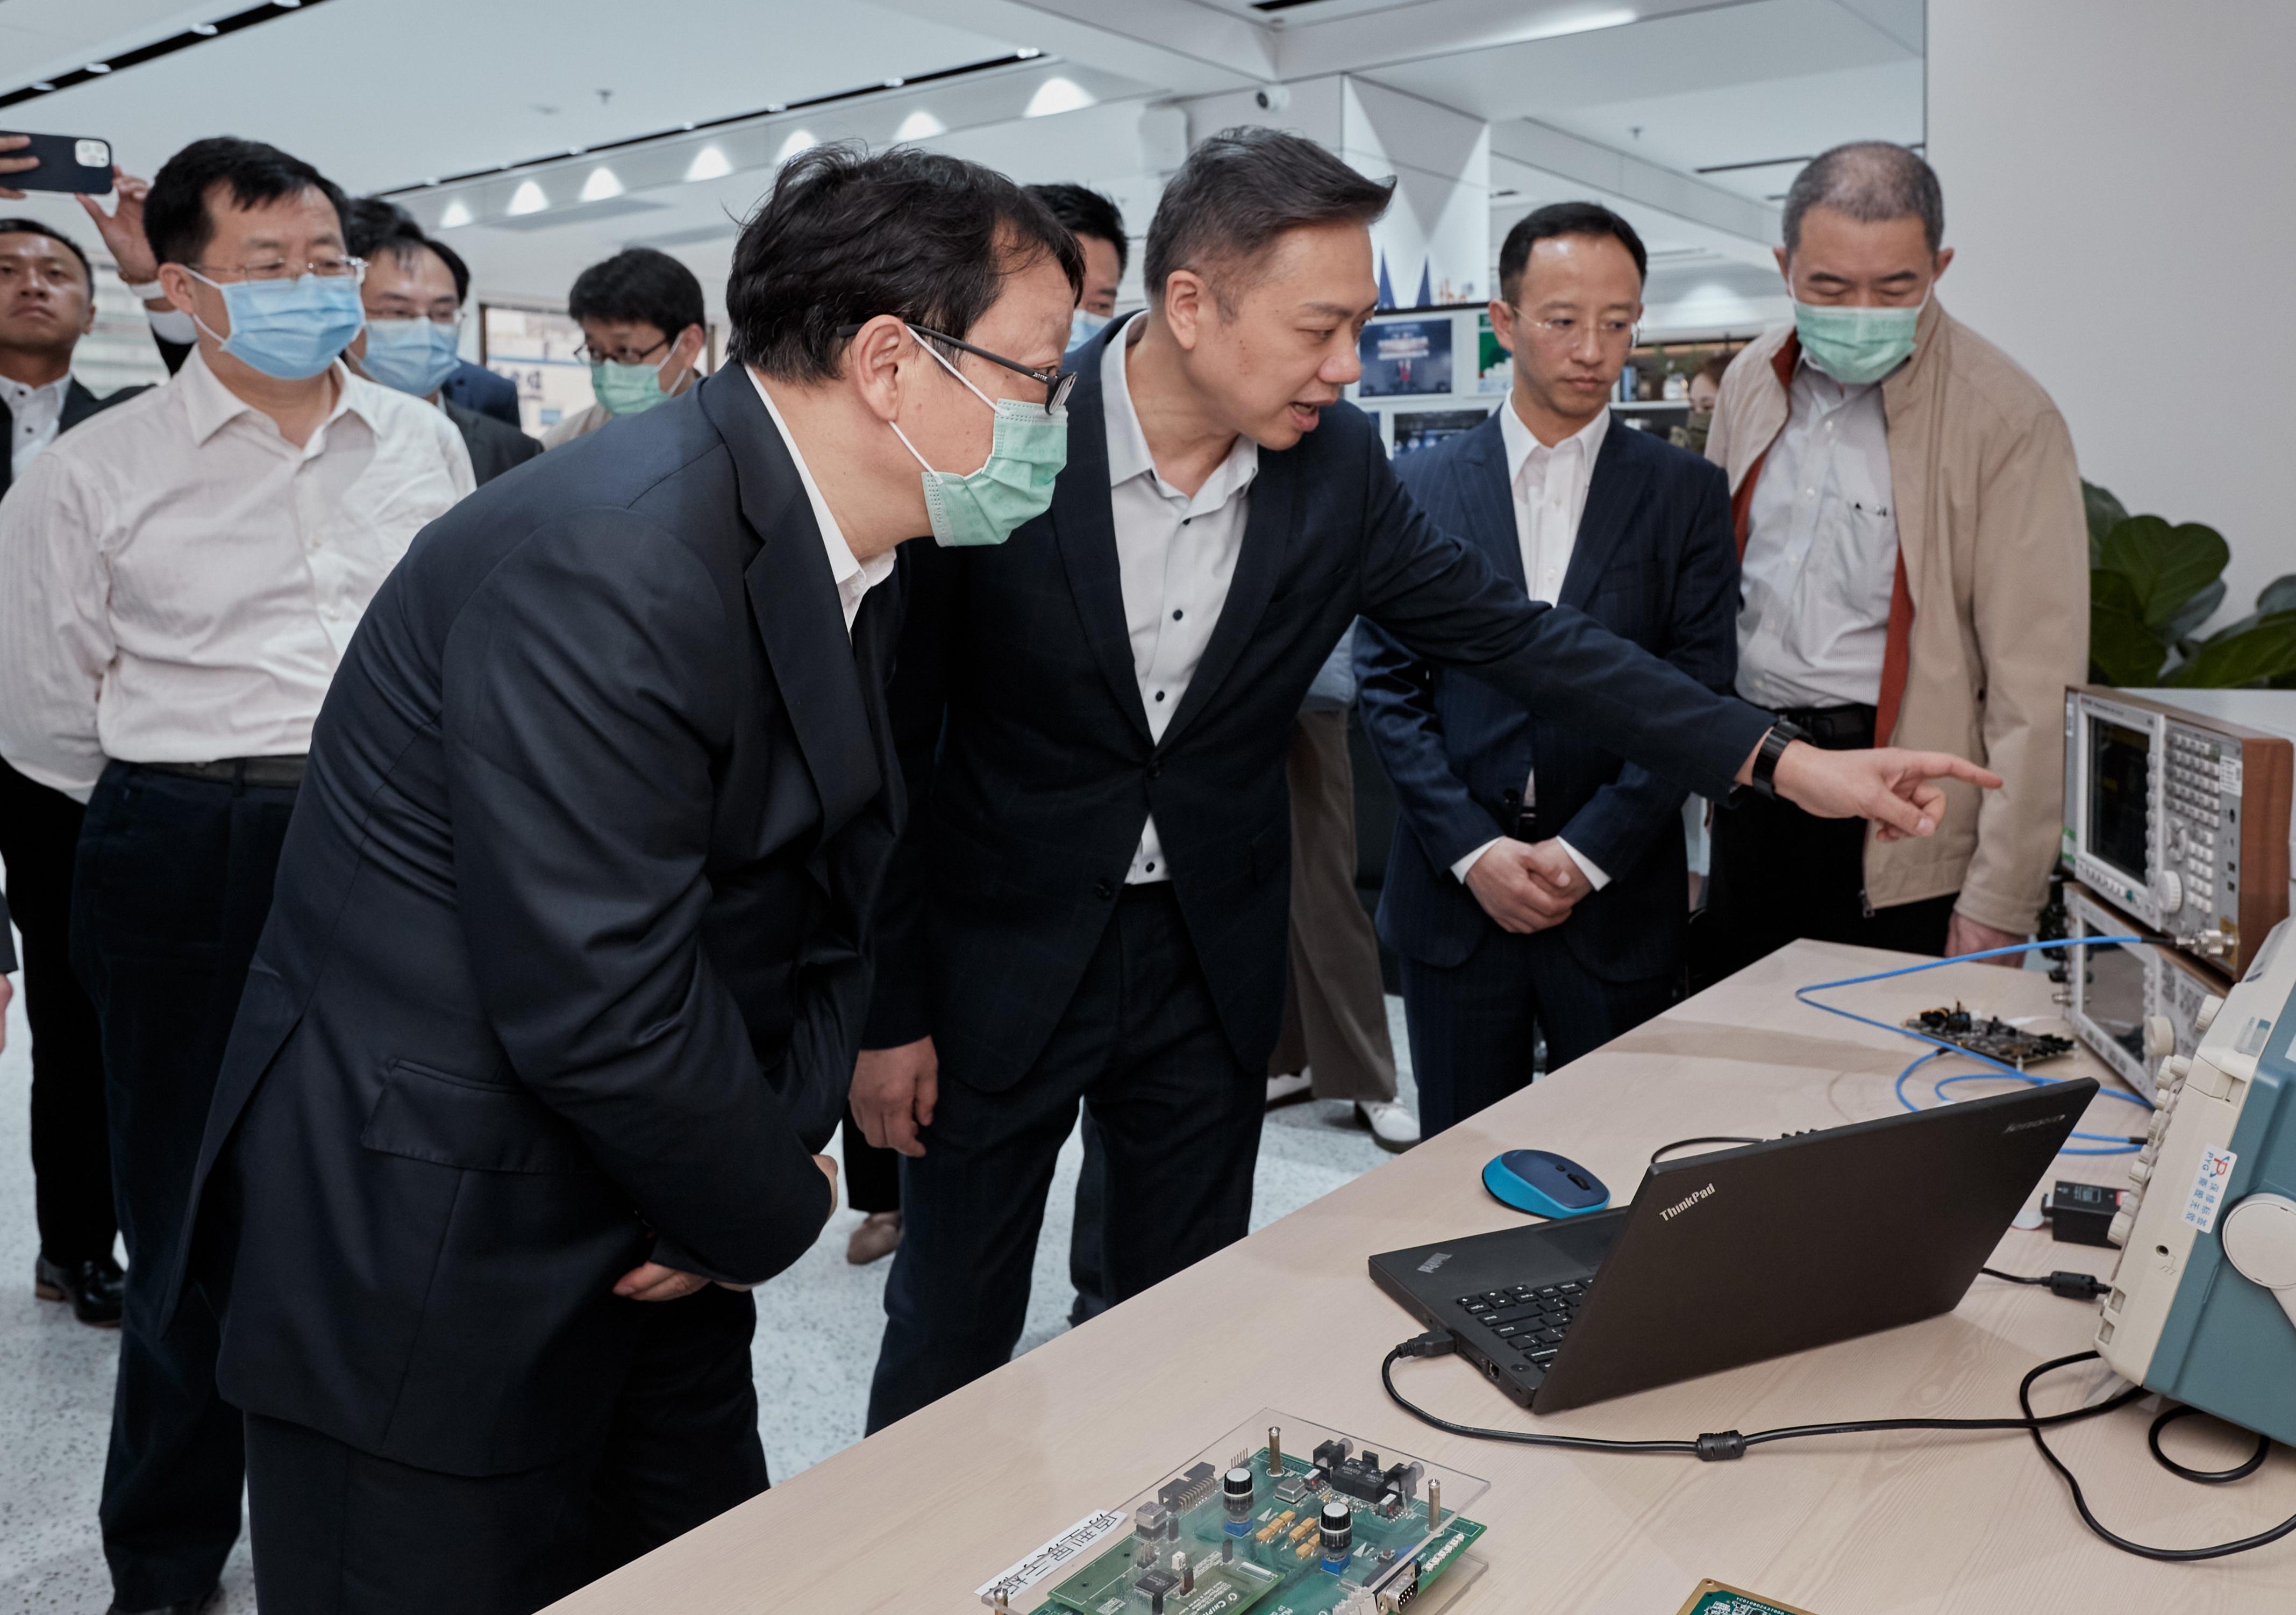 國家科技部黃衛副部長調研考察芯耀輝科技